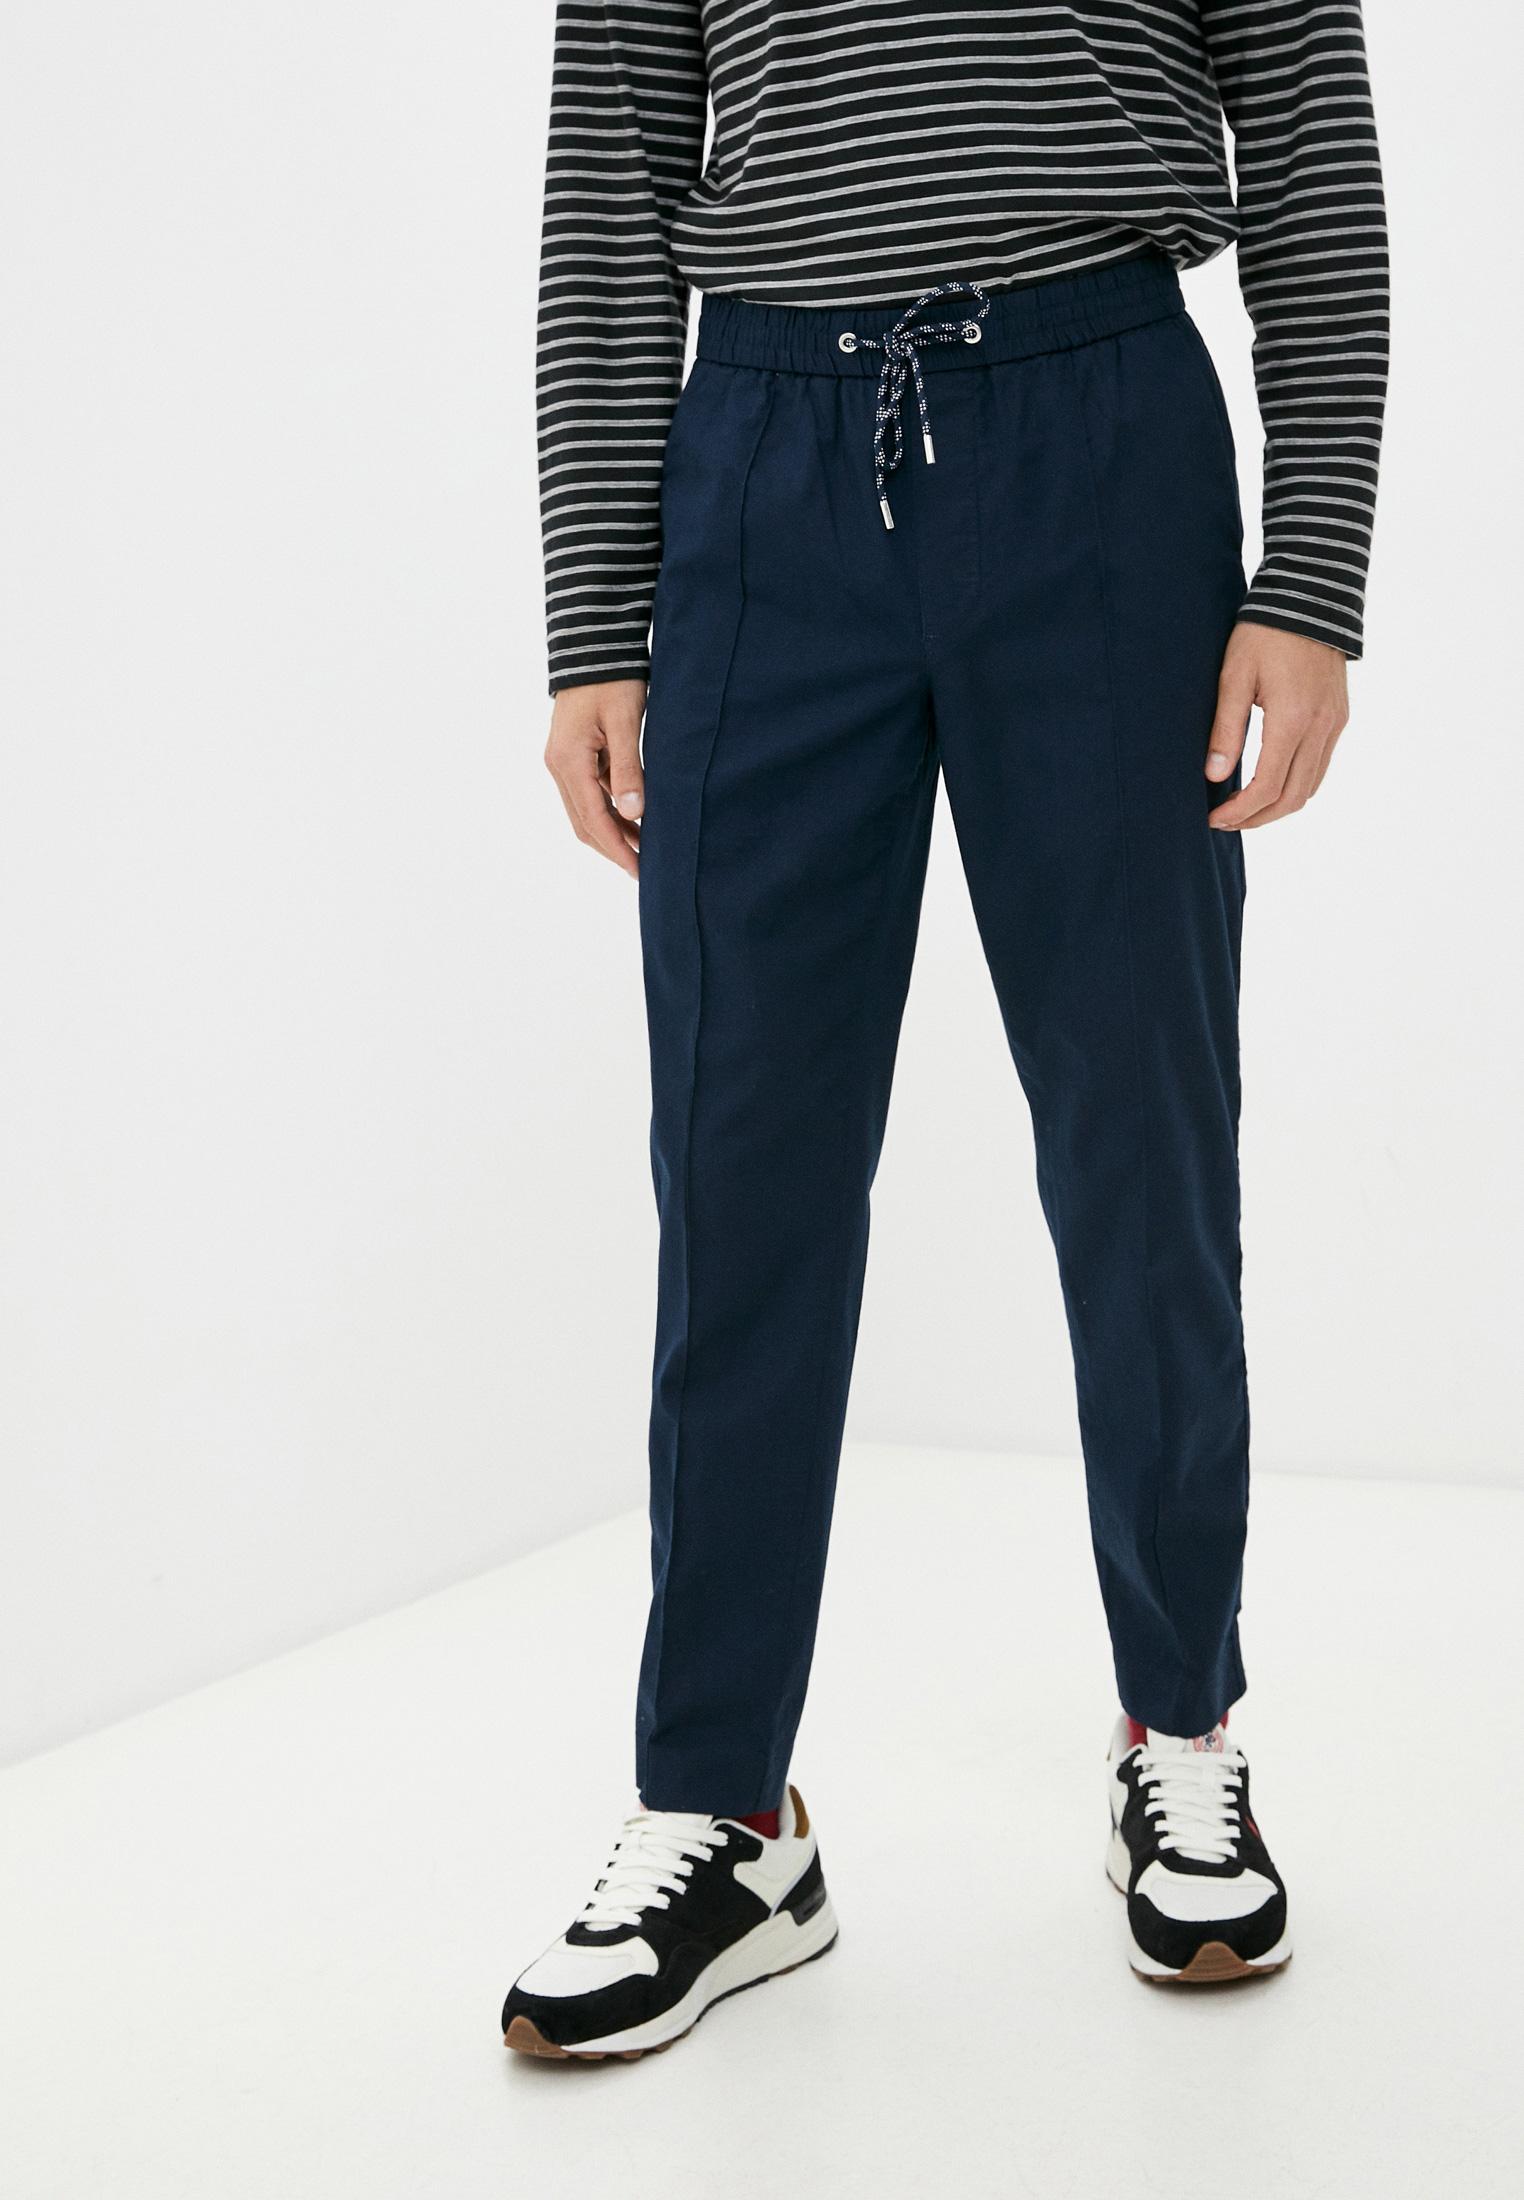 Мужские повседневные брюки Michael Kors Брюки Michael Kors